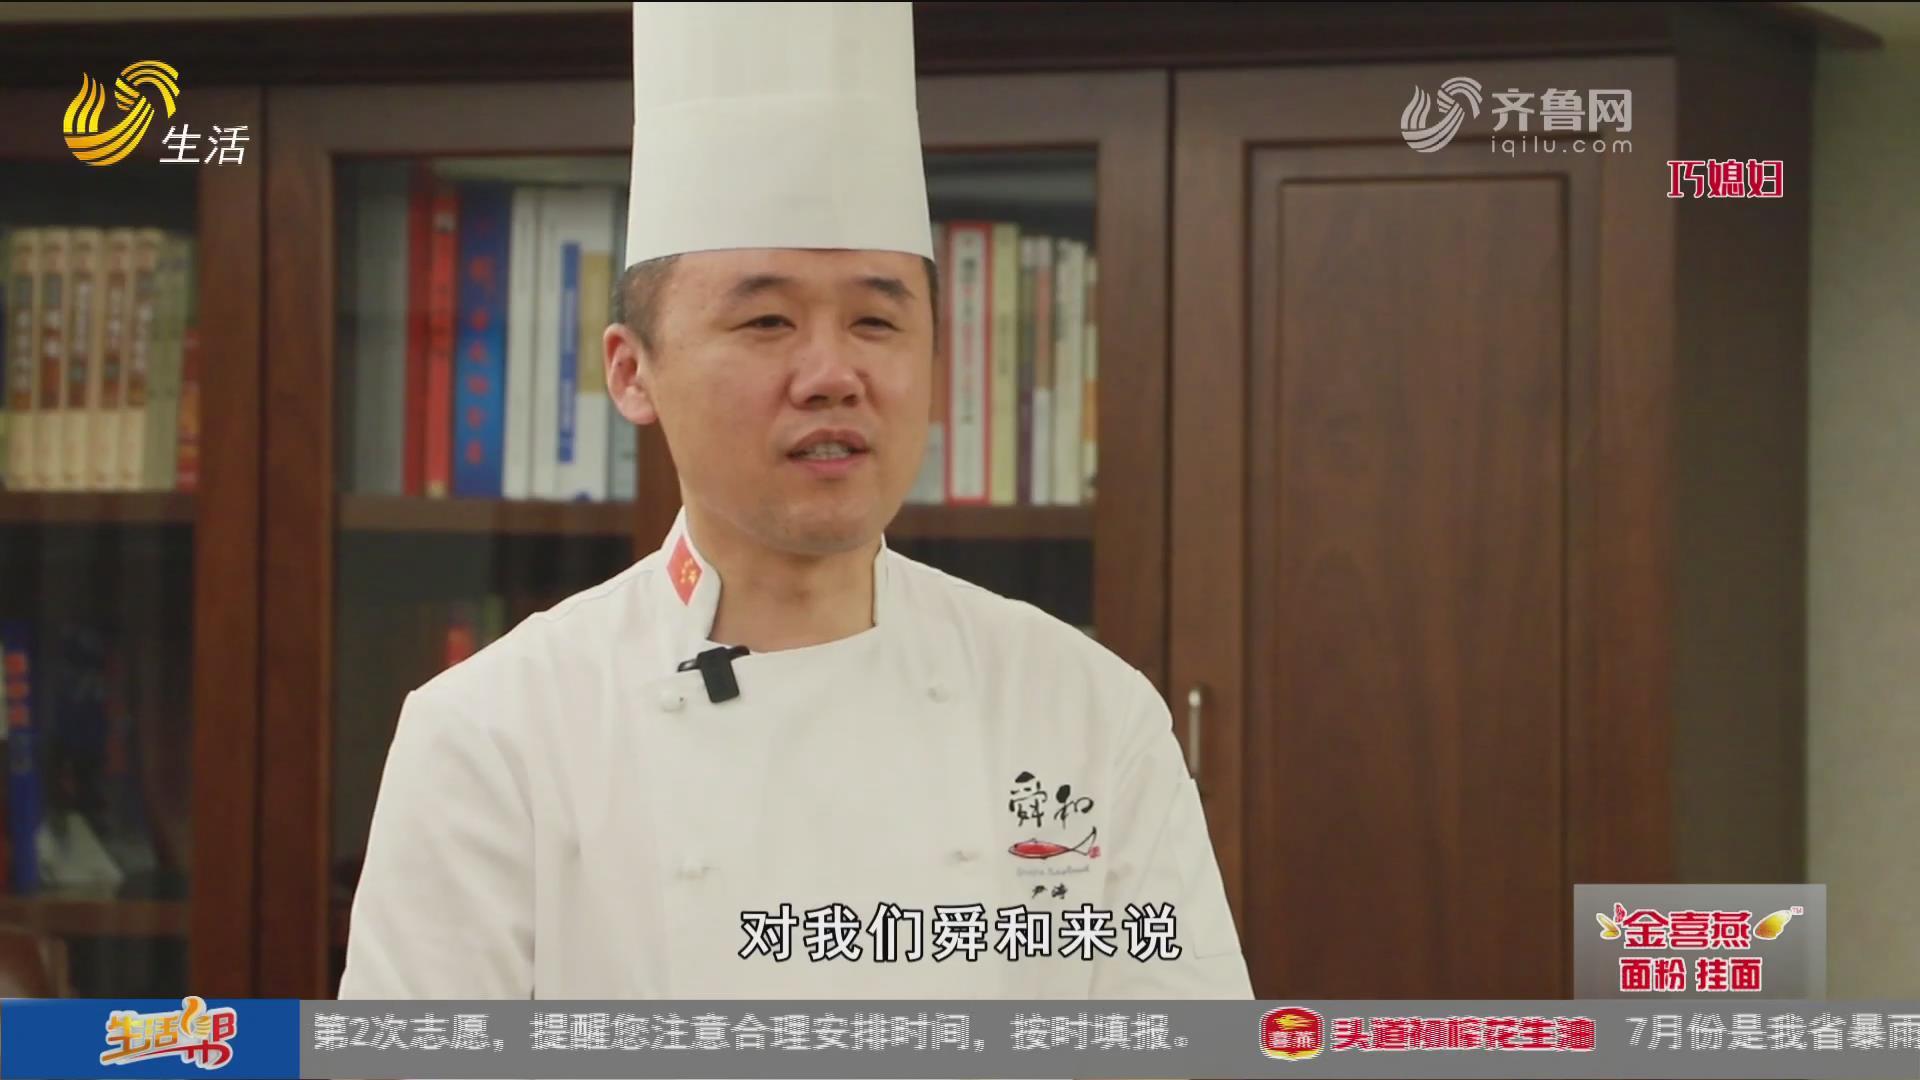 第15道【招牌菜】——葱烧海参斑